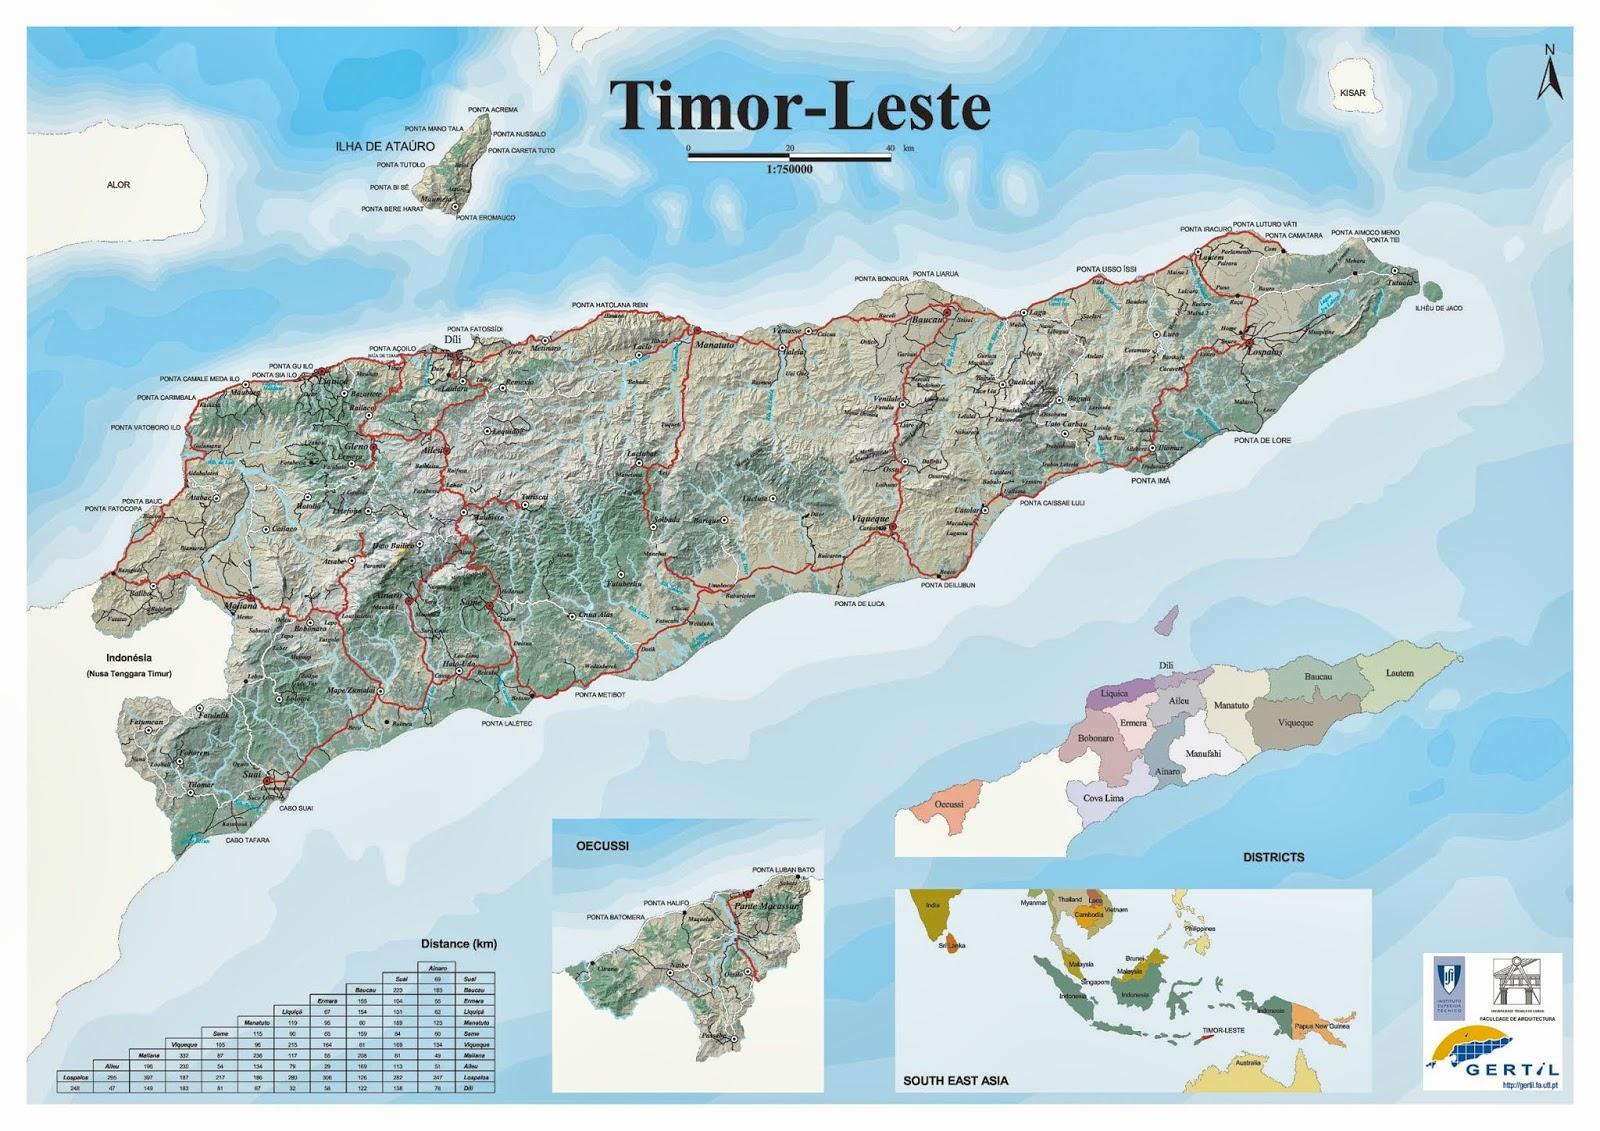 Aeroporto Comoro : Mapas de dili timor leste